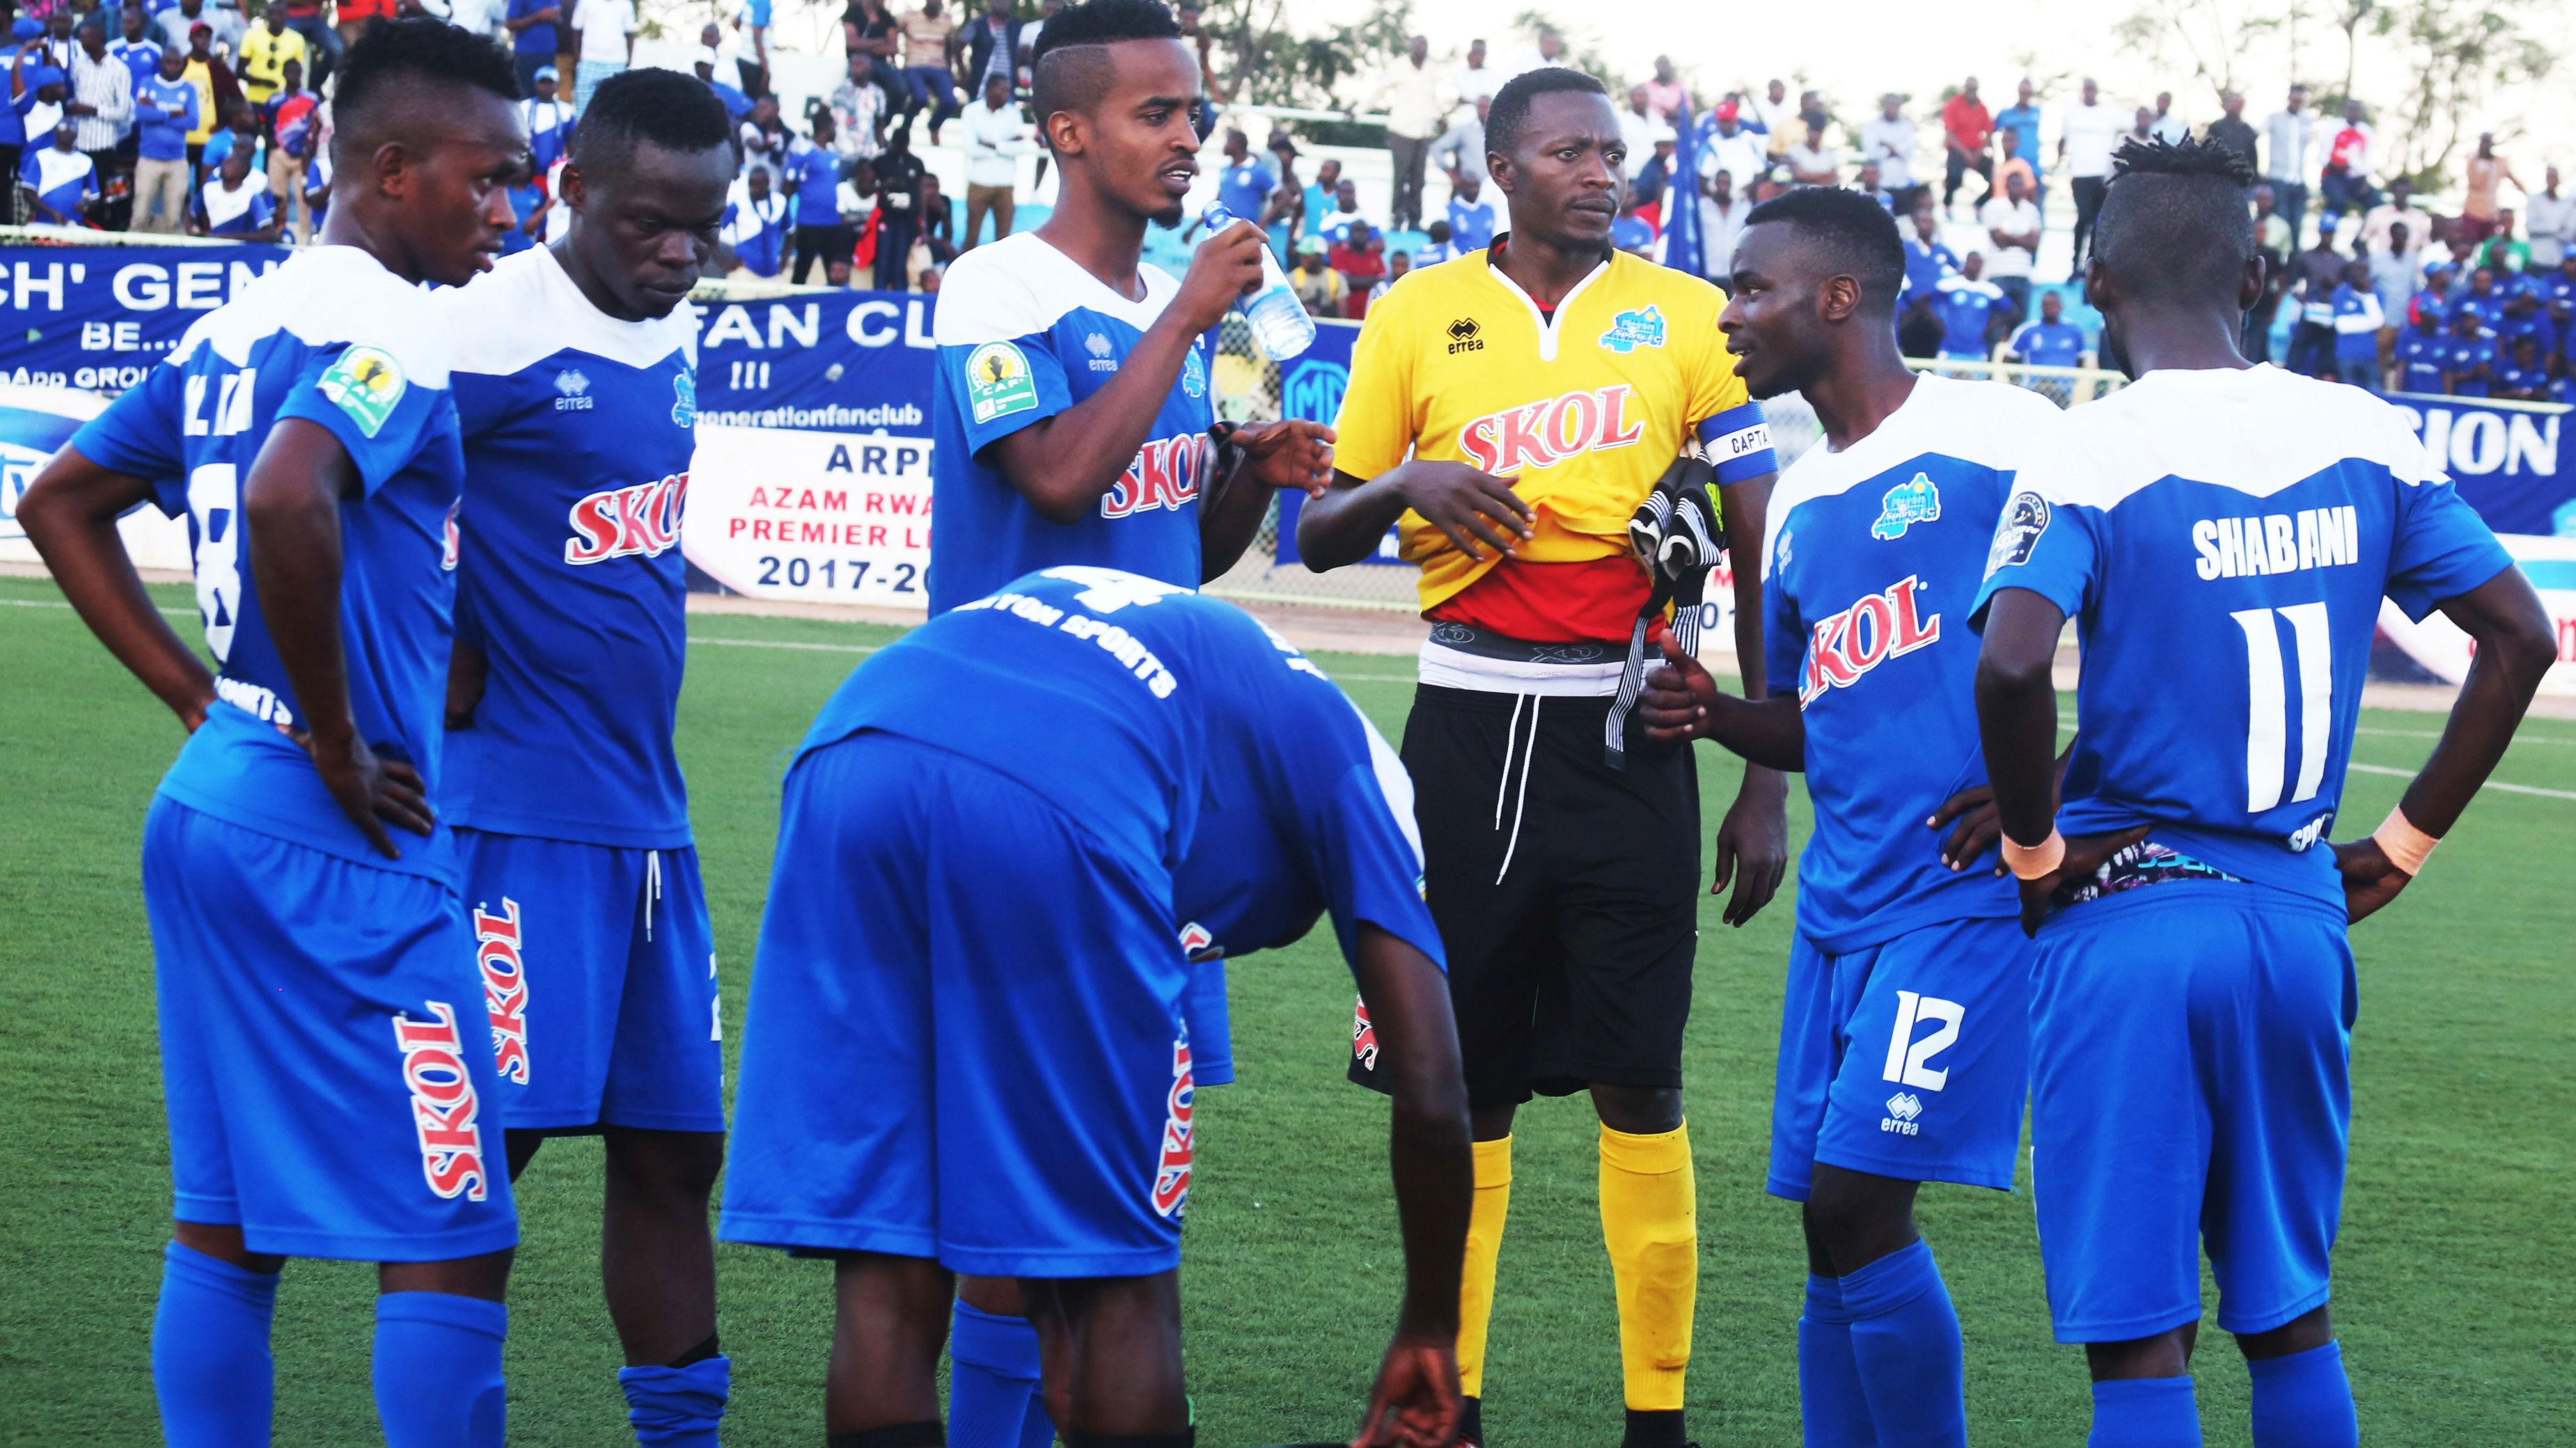 Agaciro Cup 2019: Rayon Sports to take on Mukura in the final ...